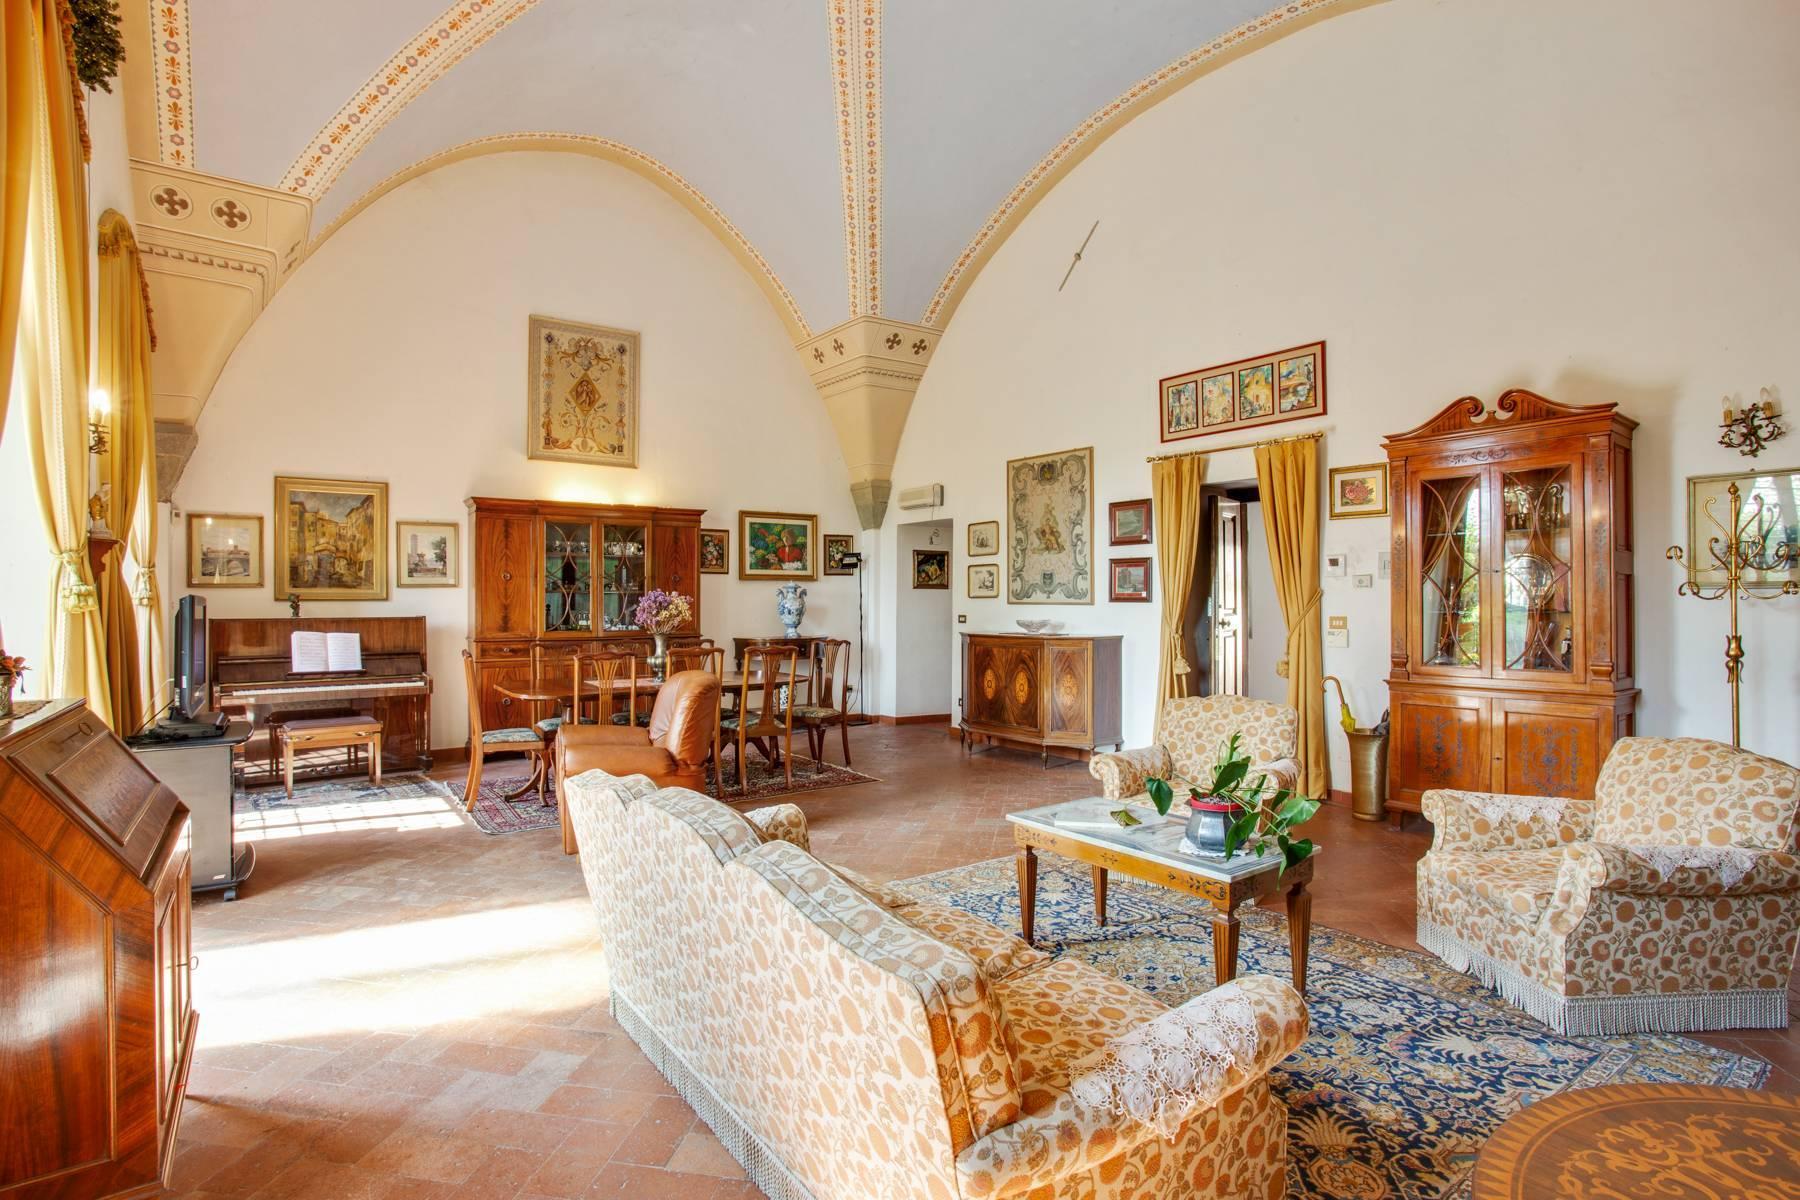 Schöne Wohnung in historischer Villa aus dem 16. Jahrhundert mit Garten - 4